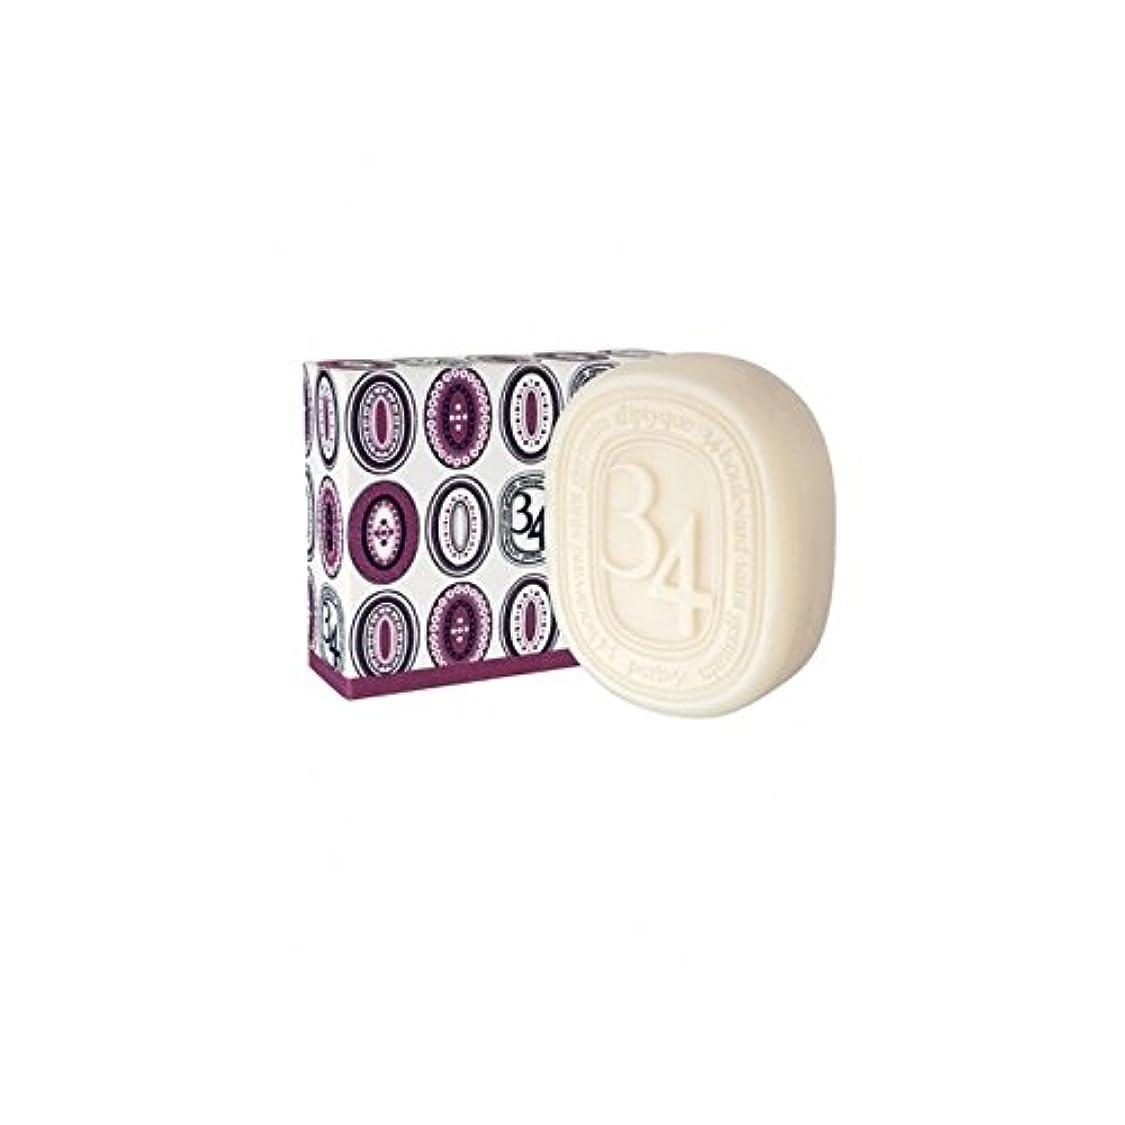 発見するデータベース怒りDiptyque Collection 34 Boulevard Saint Germain Soap 100g (Pack of 6) - Diptyqueコレクション34大通りサンジェルマン石鹸100グラム (x6)...